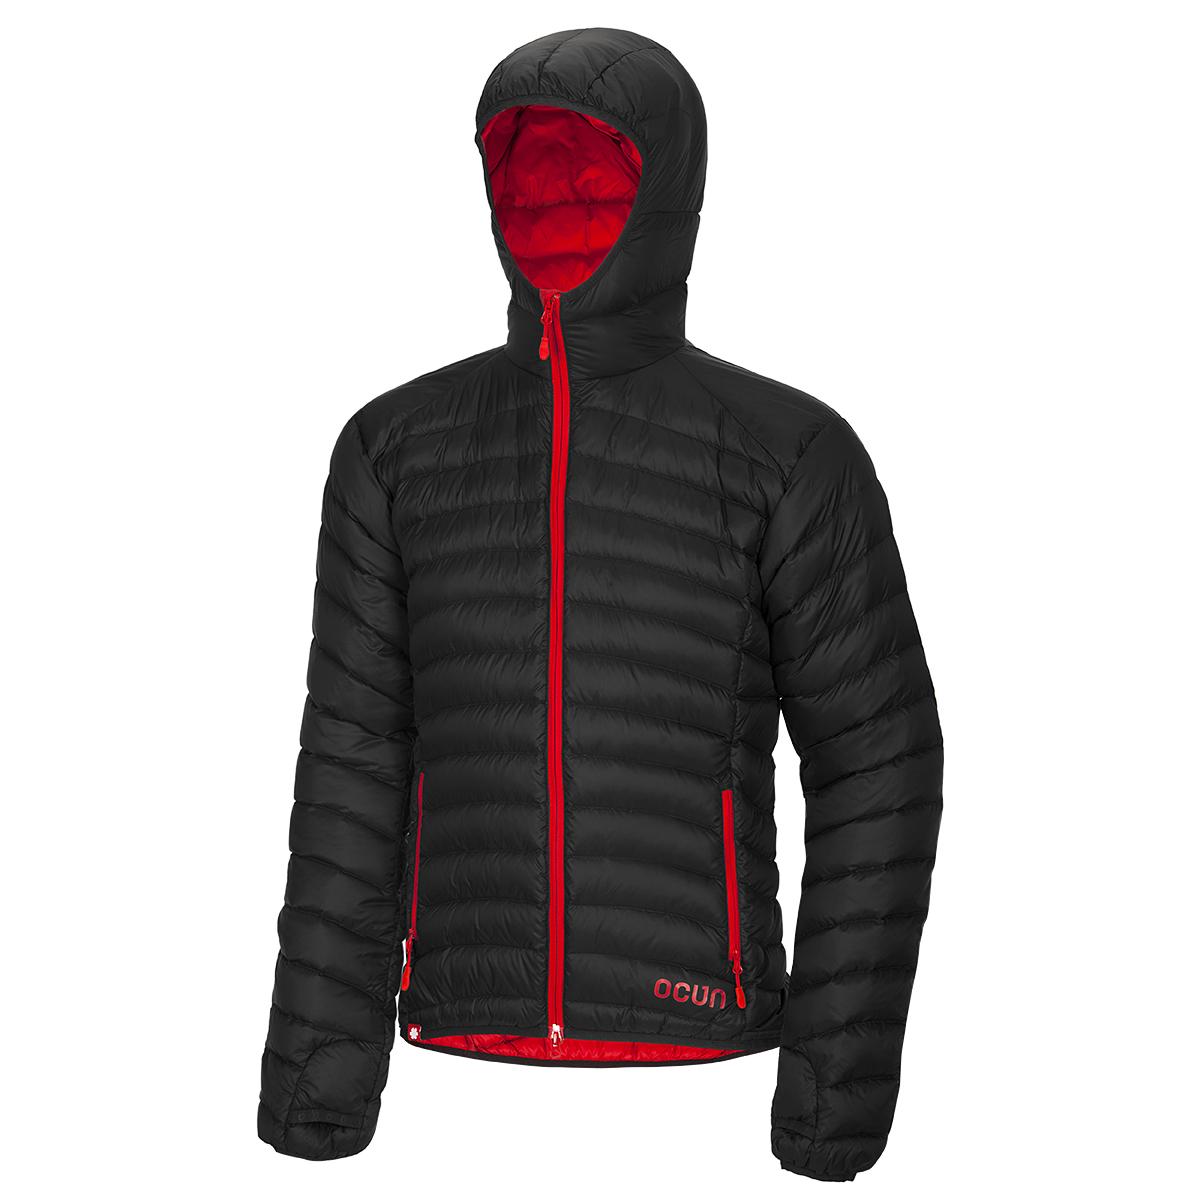 Ocún péřová bunda Tsunami Down Jacket Men Barva: černá, Velikost nebo typ: L